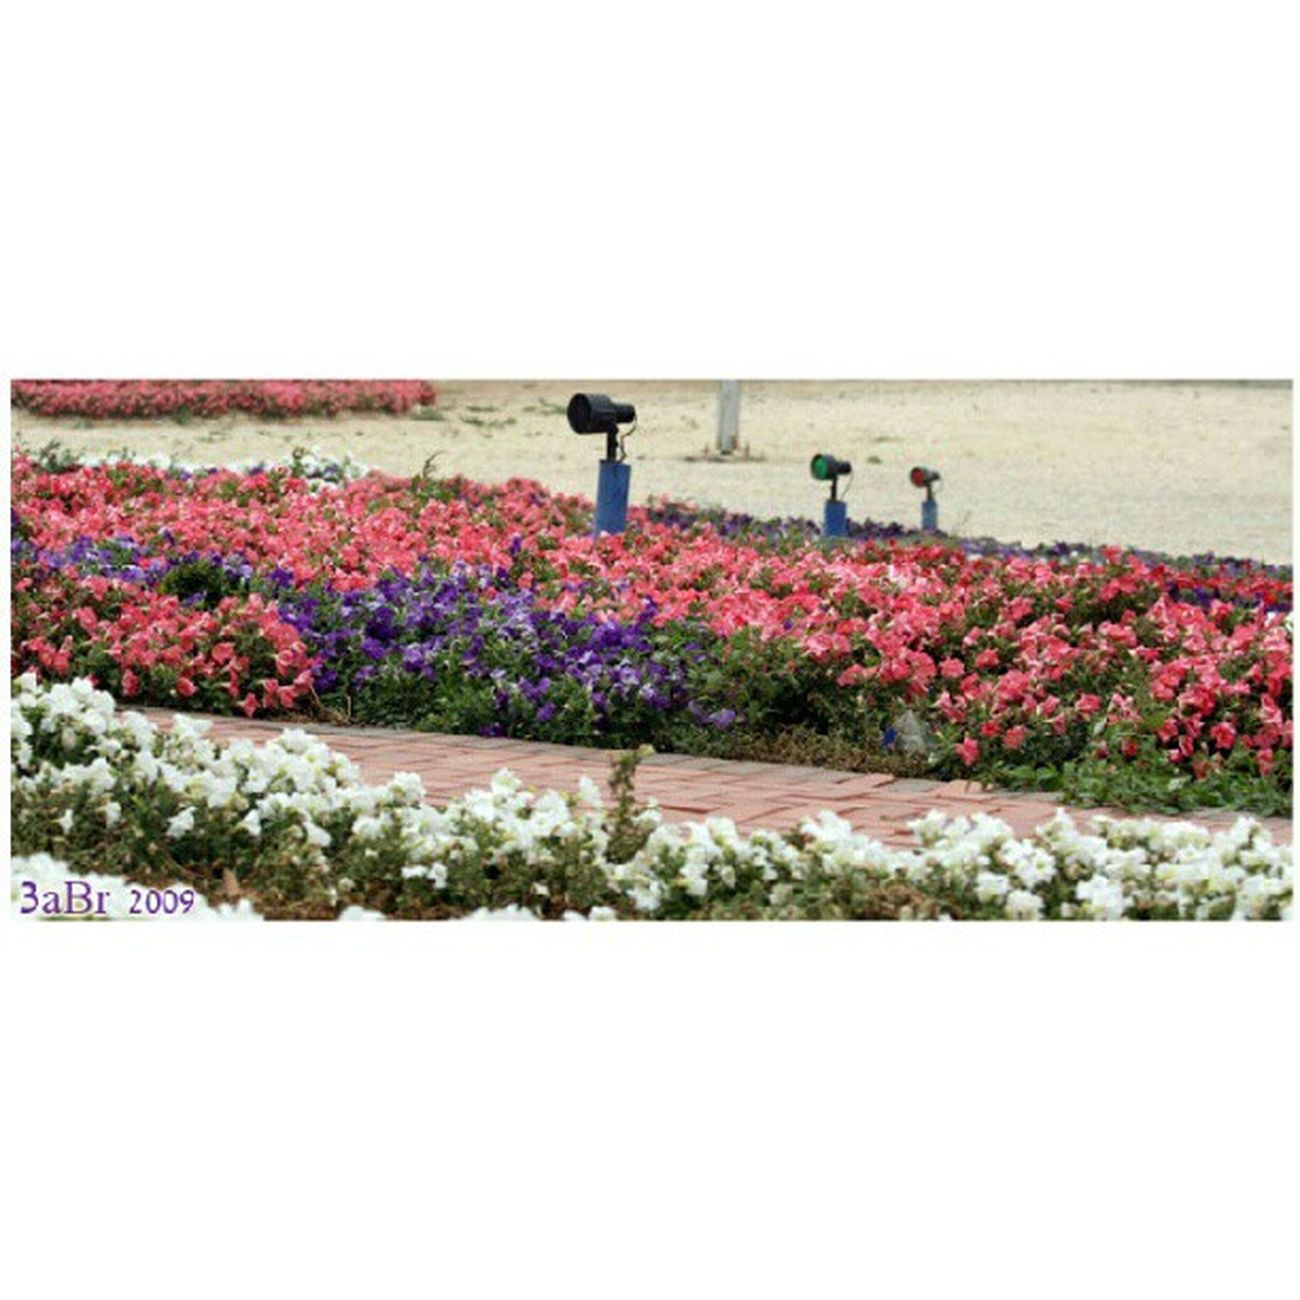 كرنيش الفناتير الجبيل الصناعية المملكة العربية السعودية كانون 50d Corniche Fanateer Jubail Saudi Arabia Canon 50D x3abrr